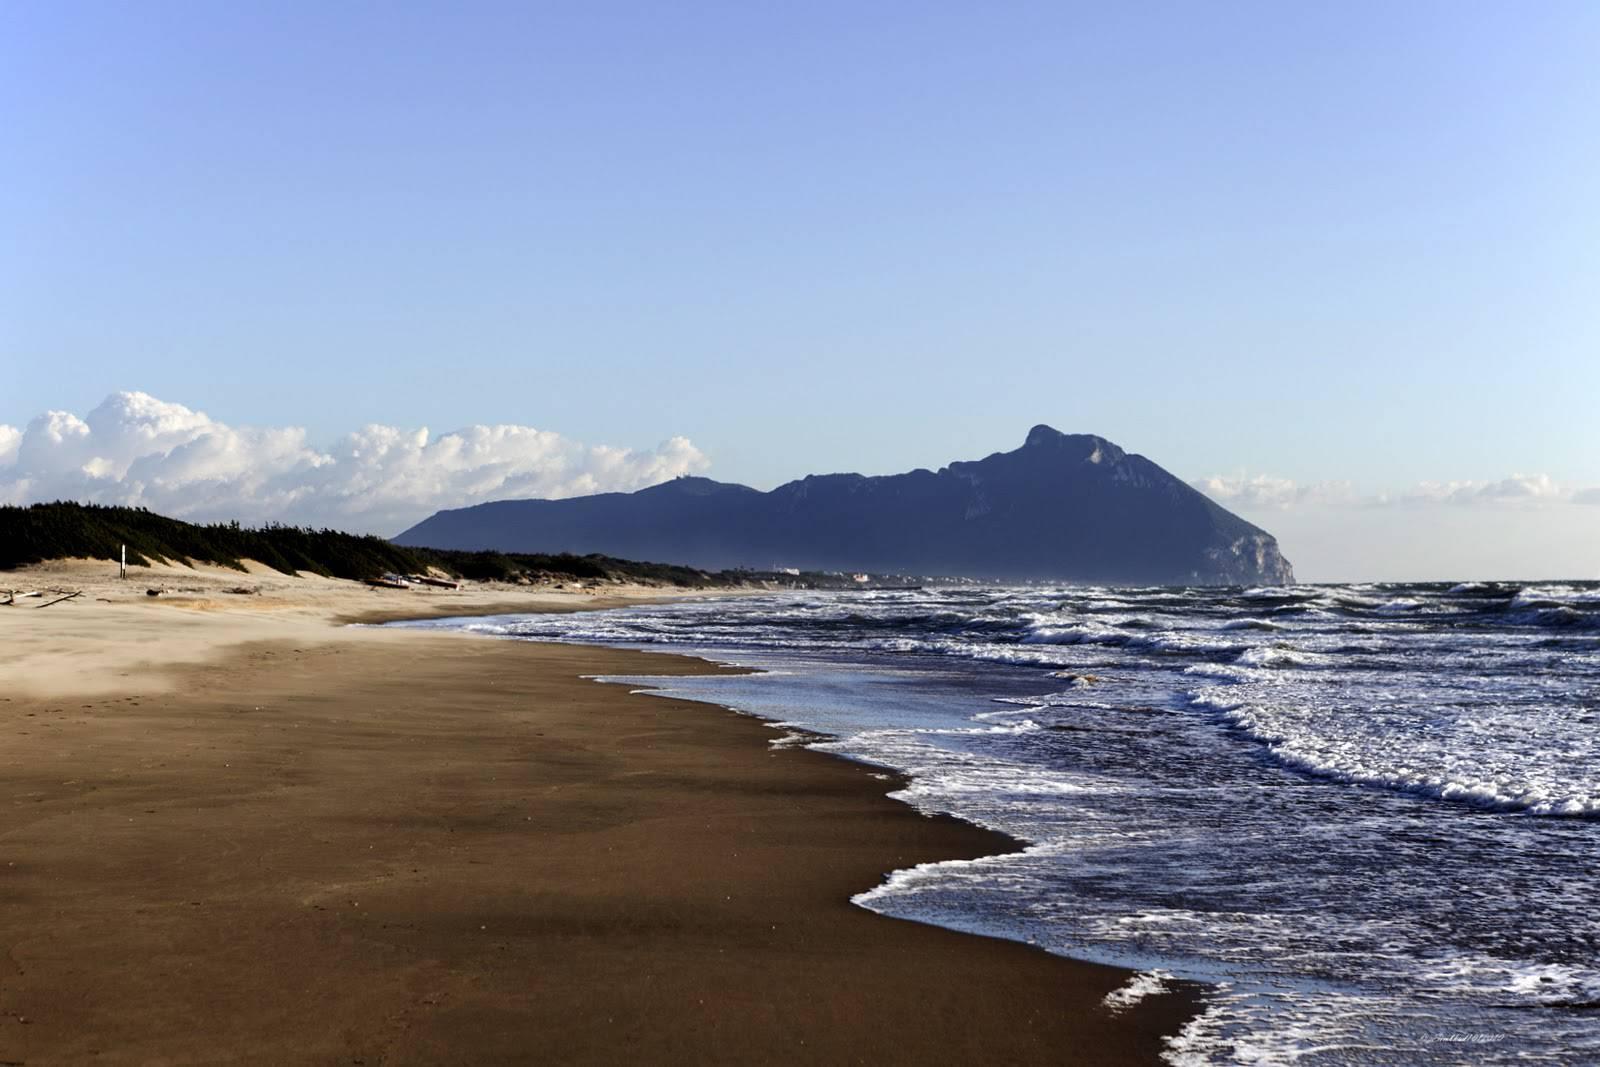 Incredibile quello che sta accadendo su questa famosa spiaggia